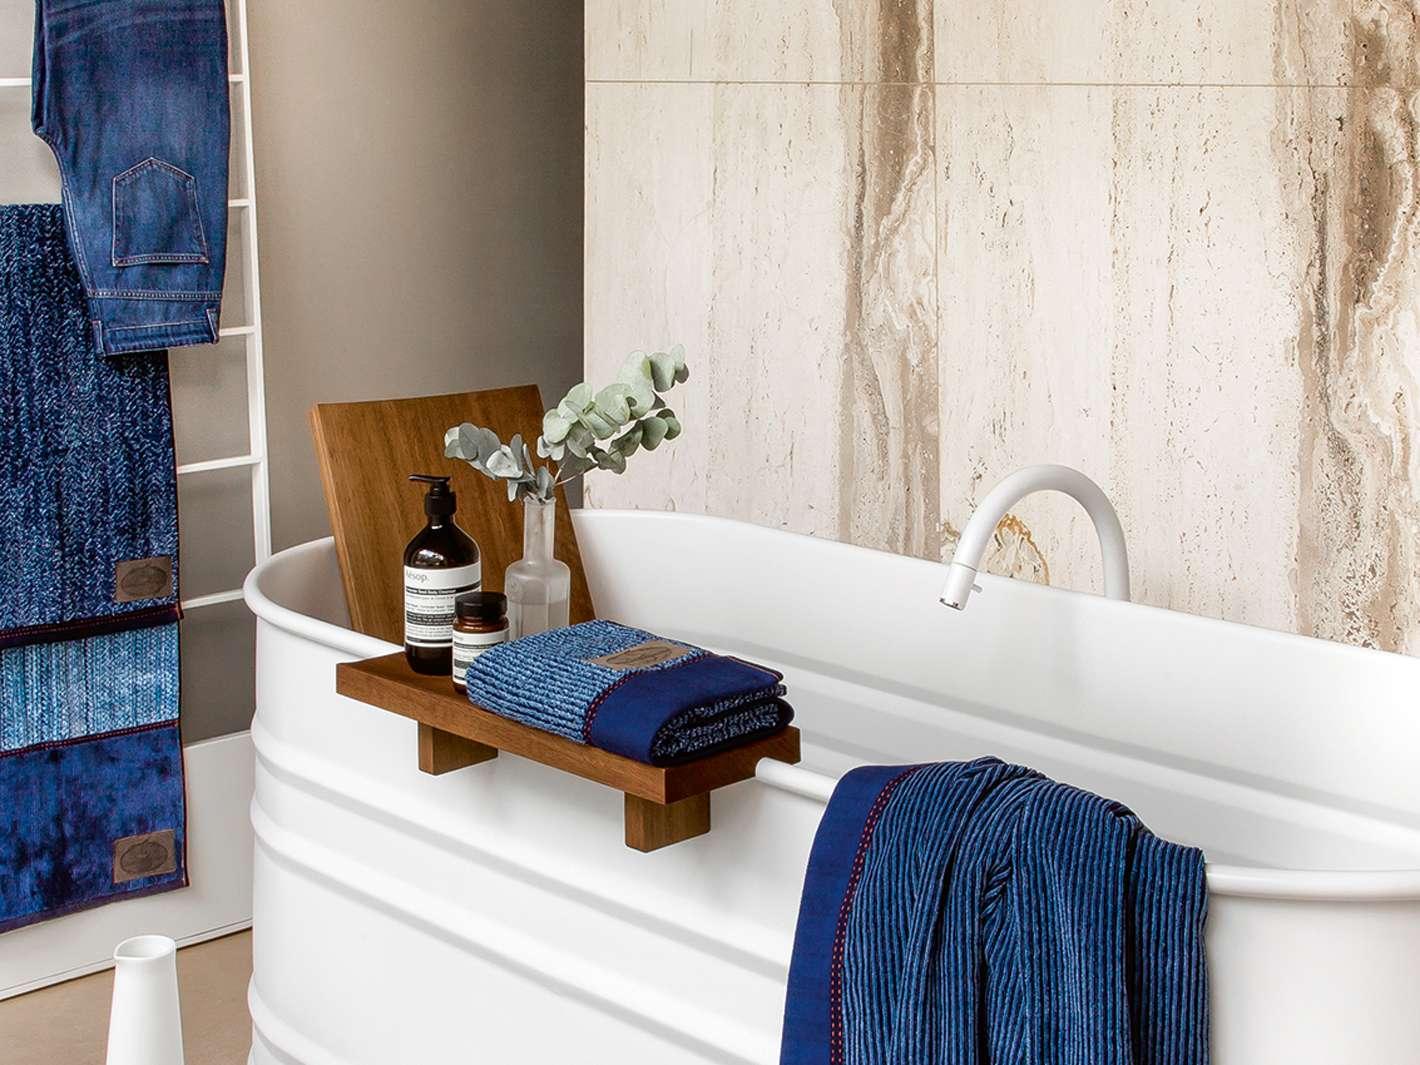 Putz & Tapeten im Badezimmer – Welche Wandbeläge eignen sich für ...